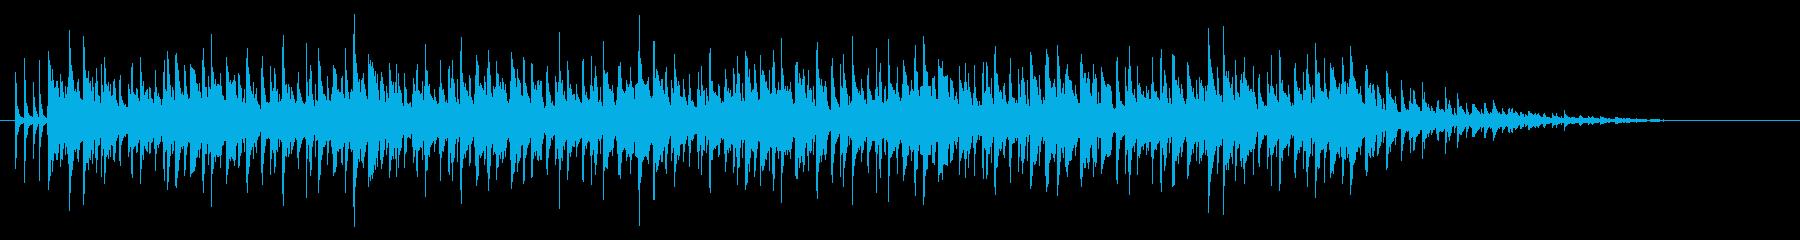 シンセによる大人なシャッフルの再生済みの波形